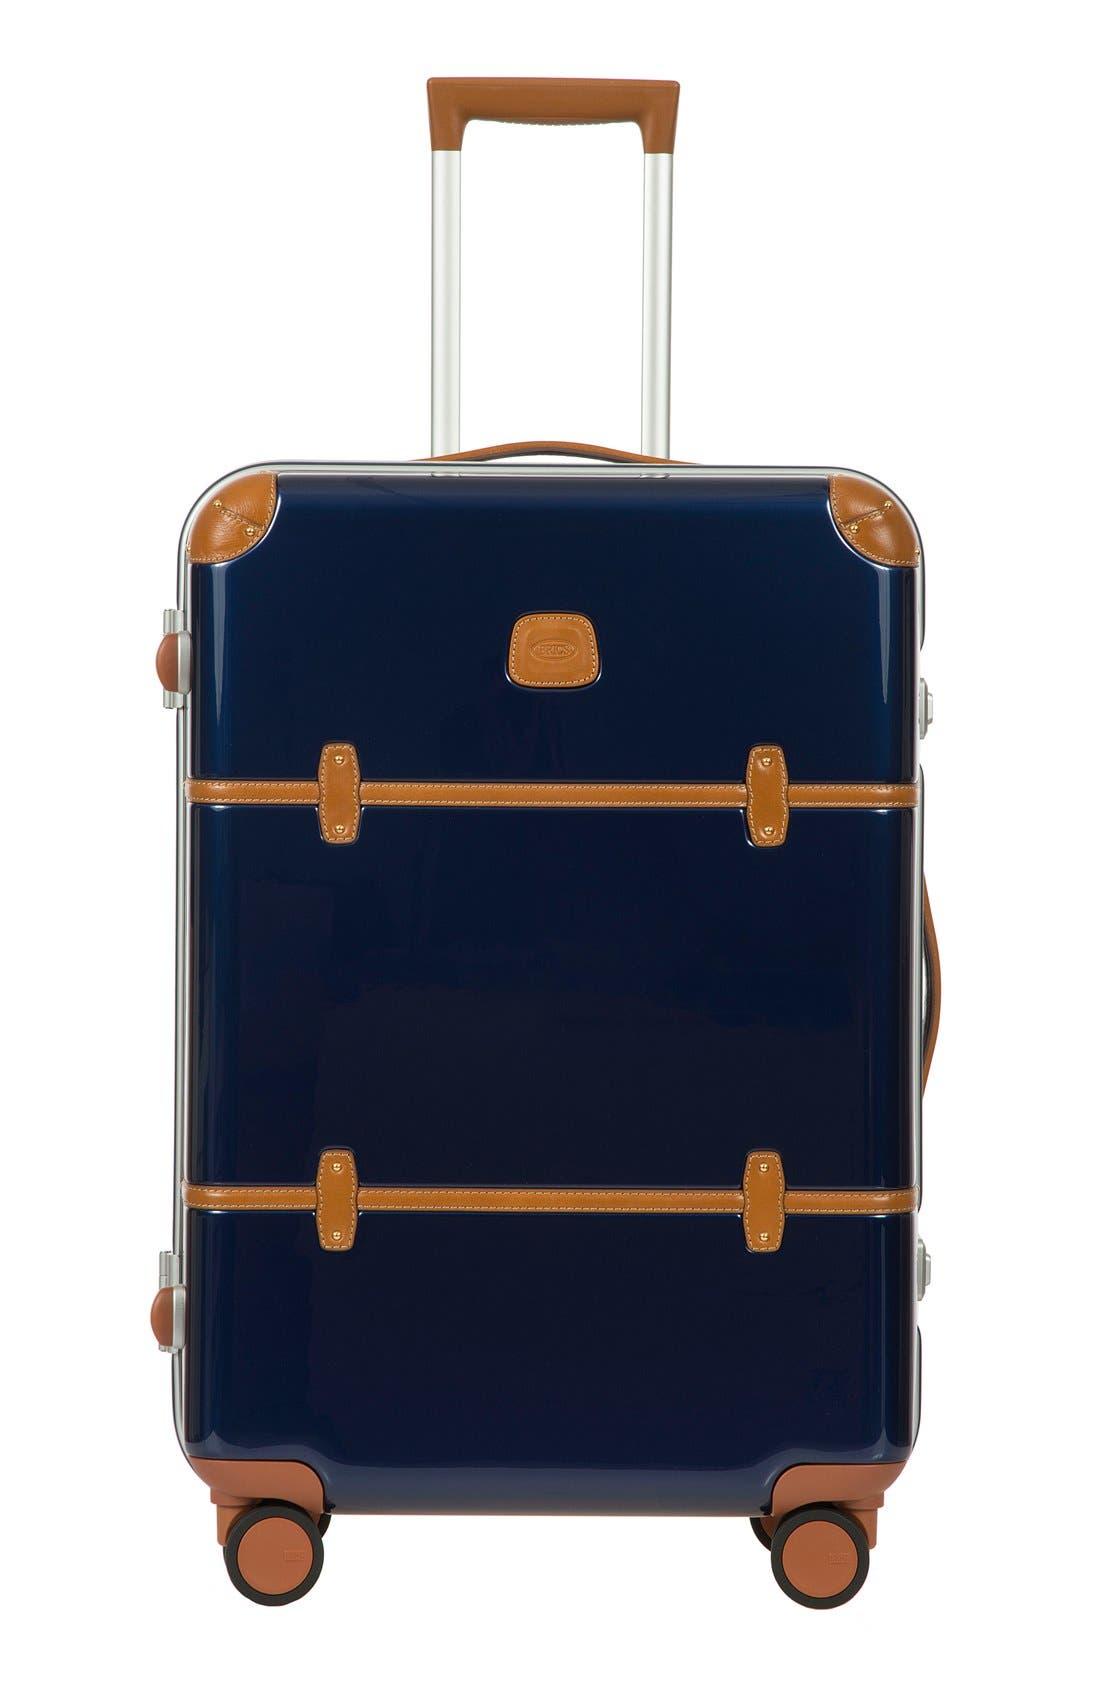 Bric's Bellagio Metallo 2.0 27 Inch Rolling Suitcase